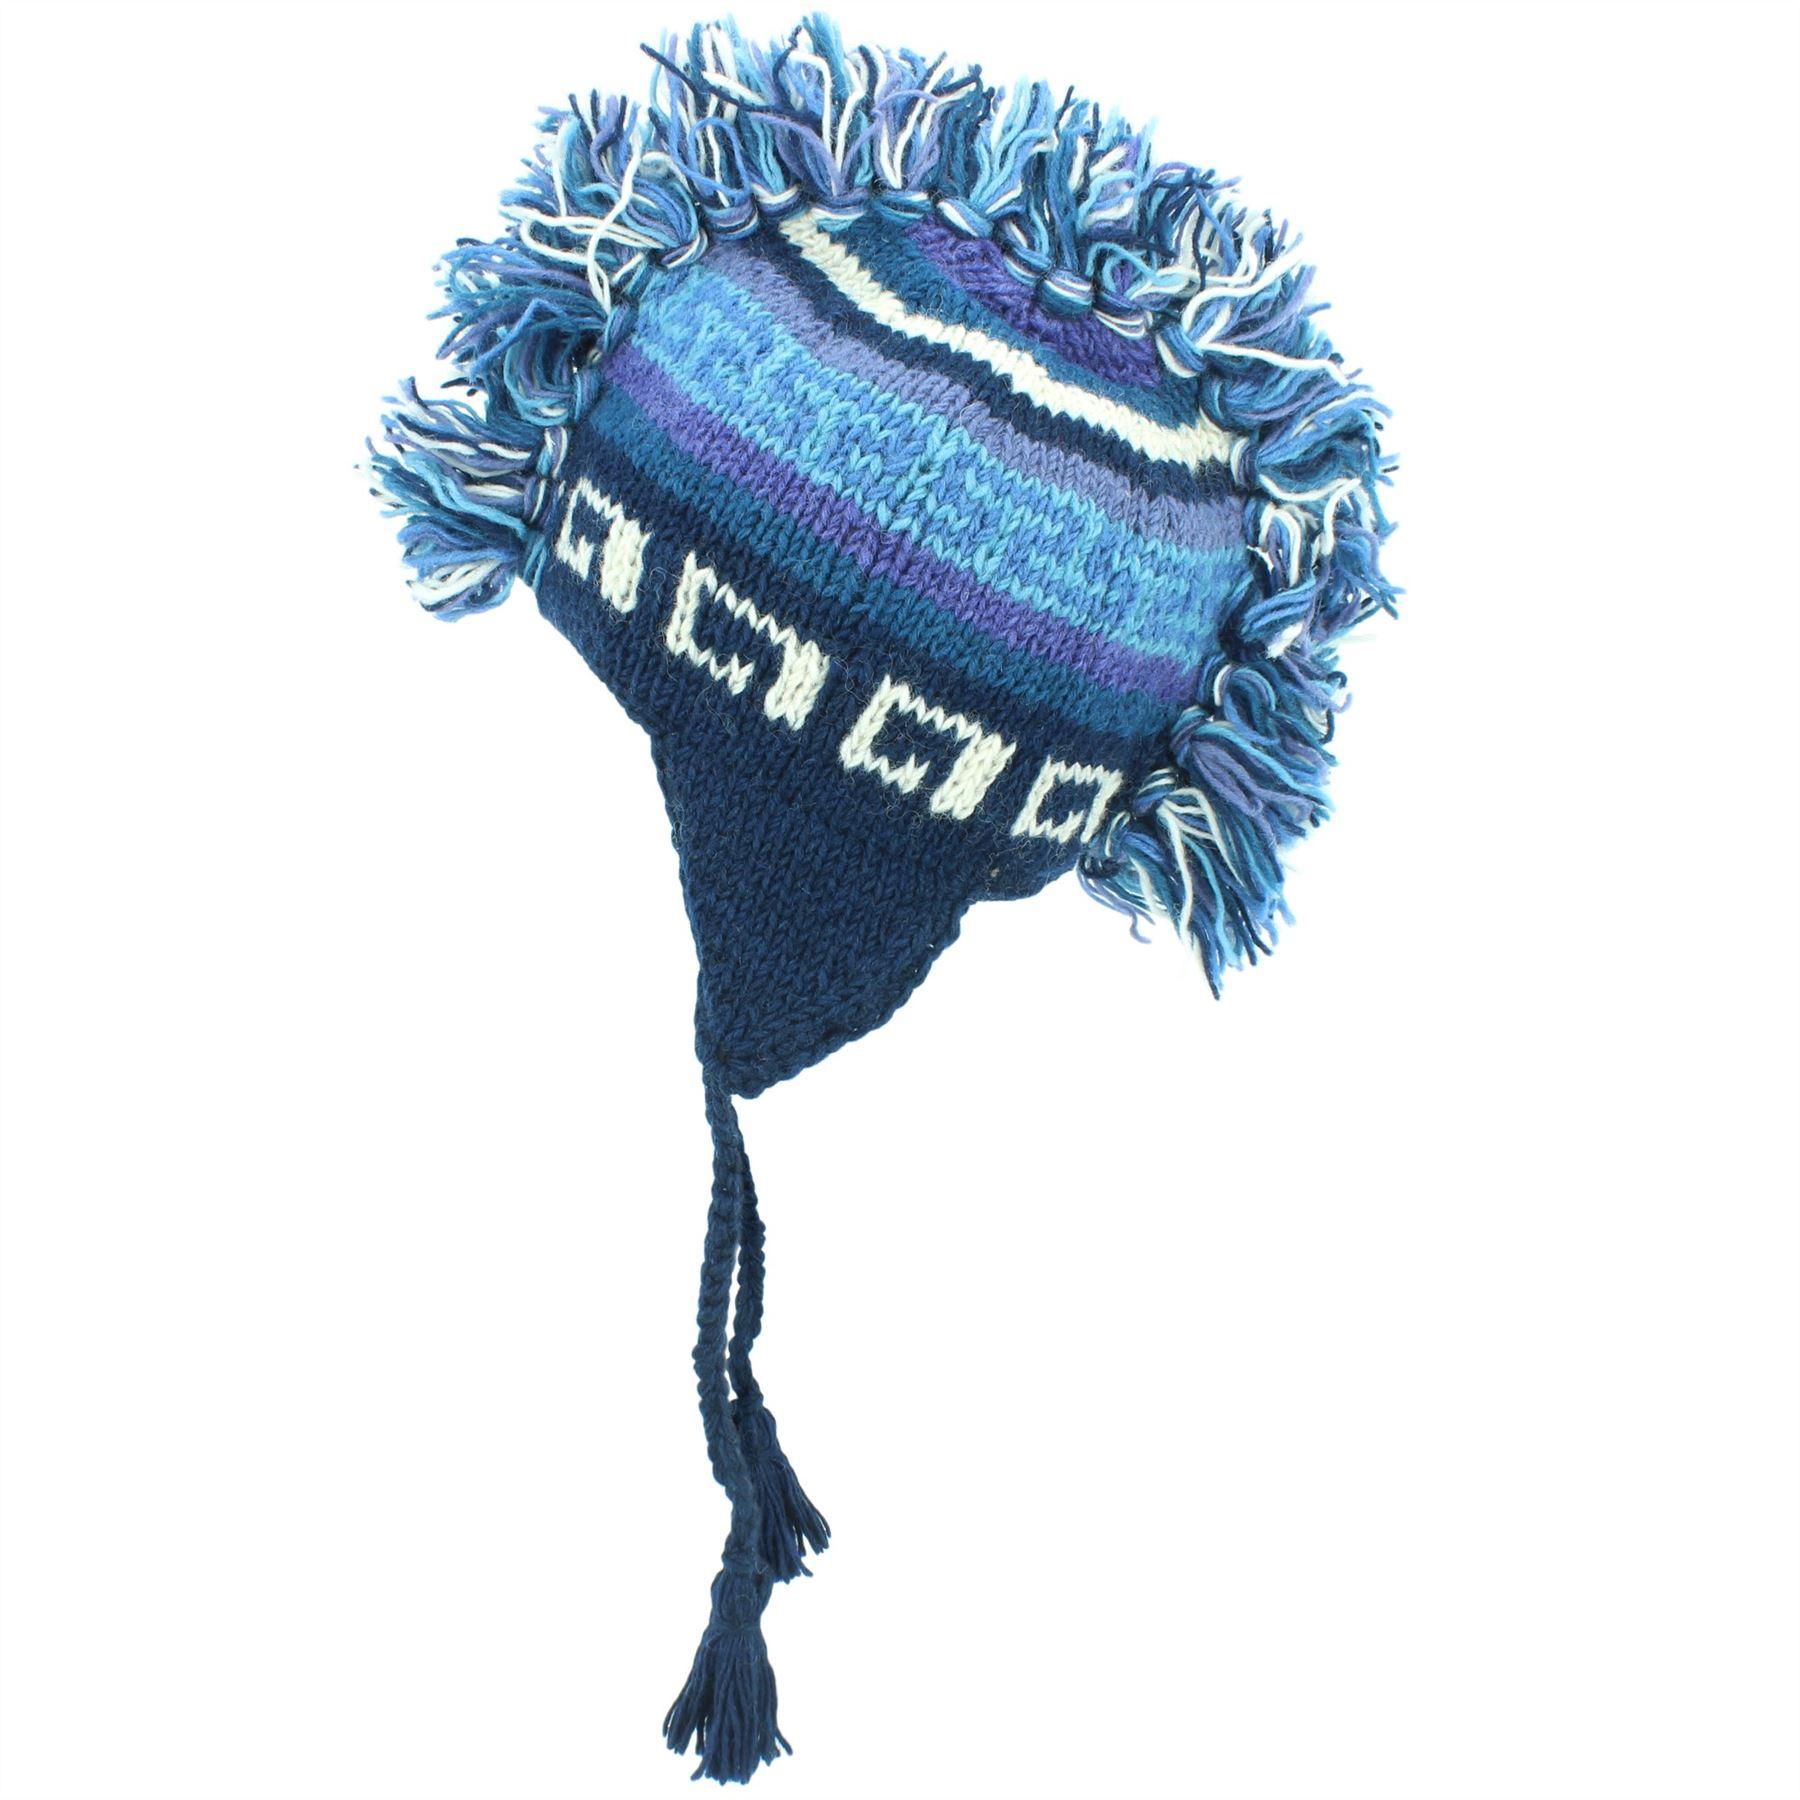 BOBBLE HAT WOOL KNIT WARM WINTER EARFLAP BEANIE FLEECE LINED BLUE /& GREEN